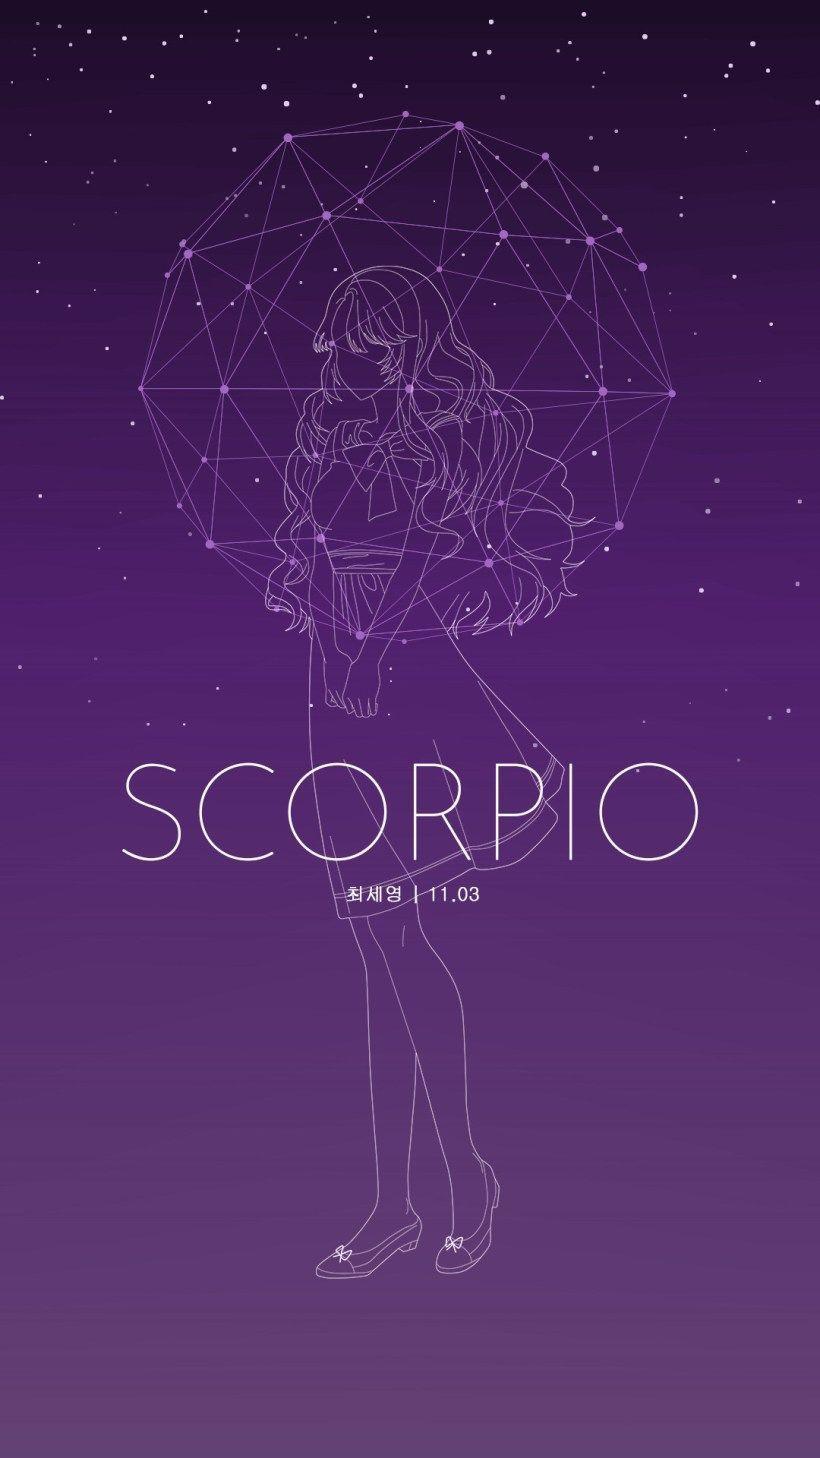 Iphone Scorpio Zodiac Wallpaper Zen Mystic Messenger Mystic Messenger Jumin Mystic Messenger